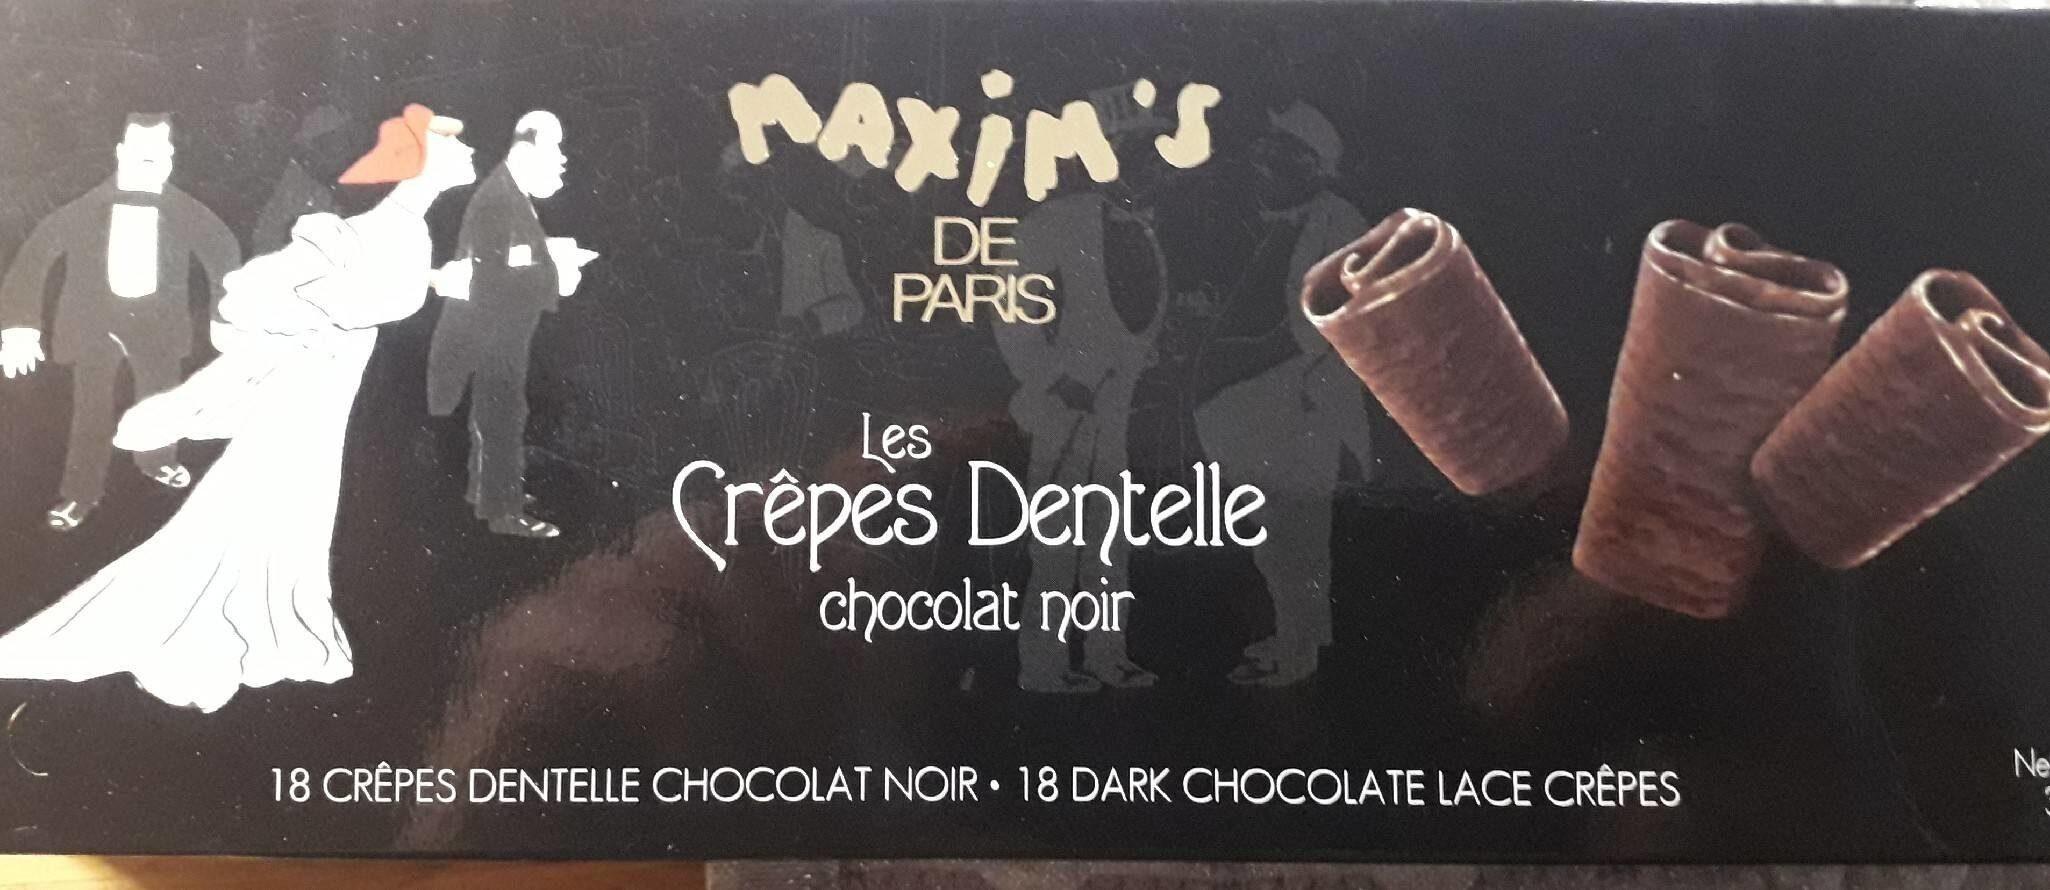 18 Fines Crêpes Dentelle Enrobées De Chocolat Noir - Product - fr